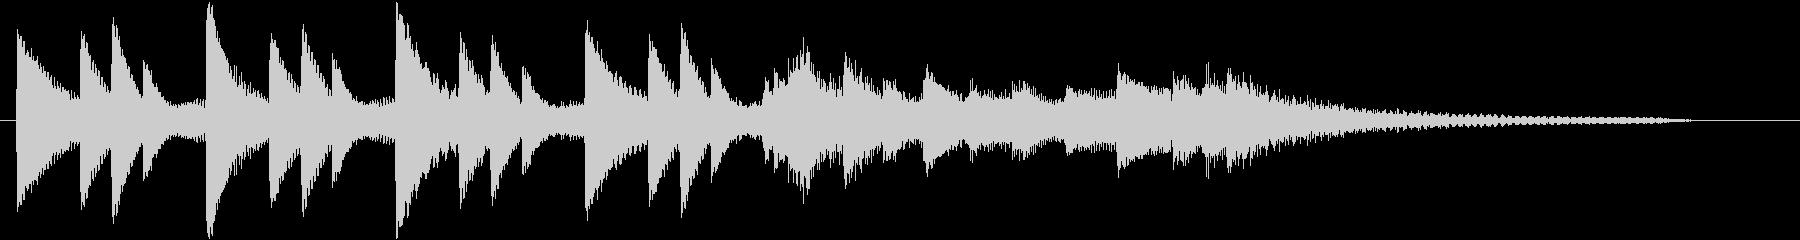 XmasキャロルオブザベルズジングルBの未再生の波形